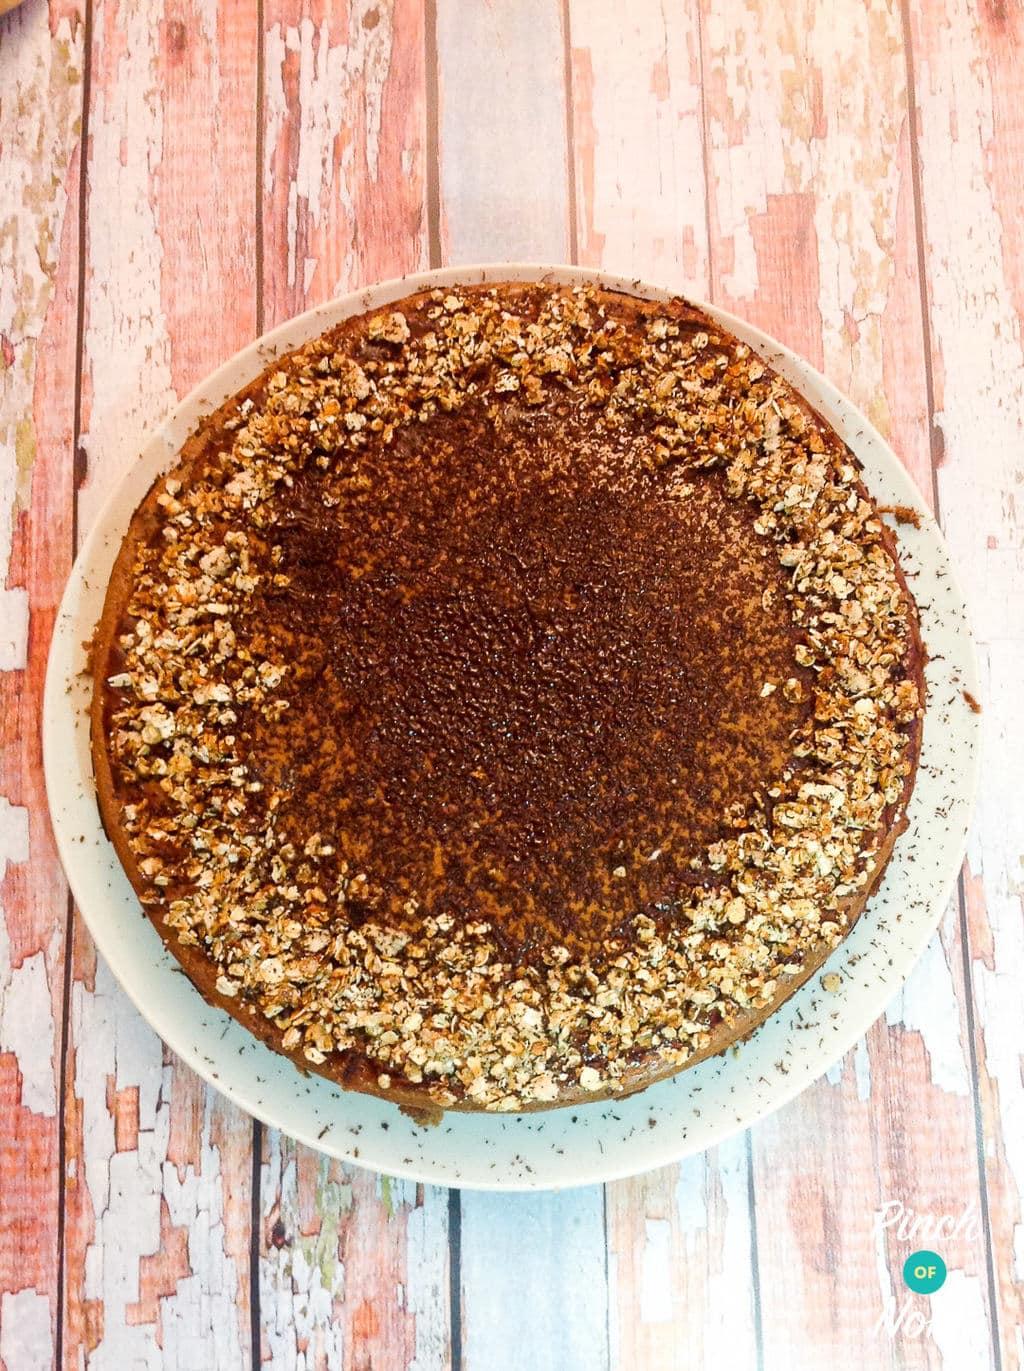 Chocolate Mud Pie | Slimming & Weight Watchers Friendly